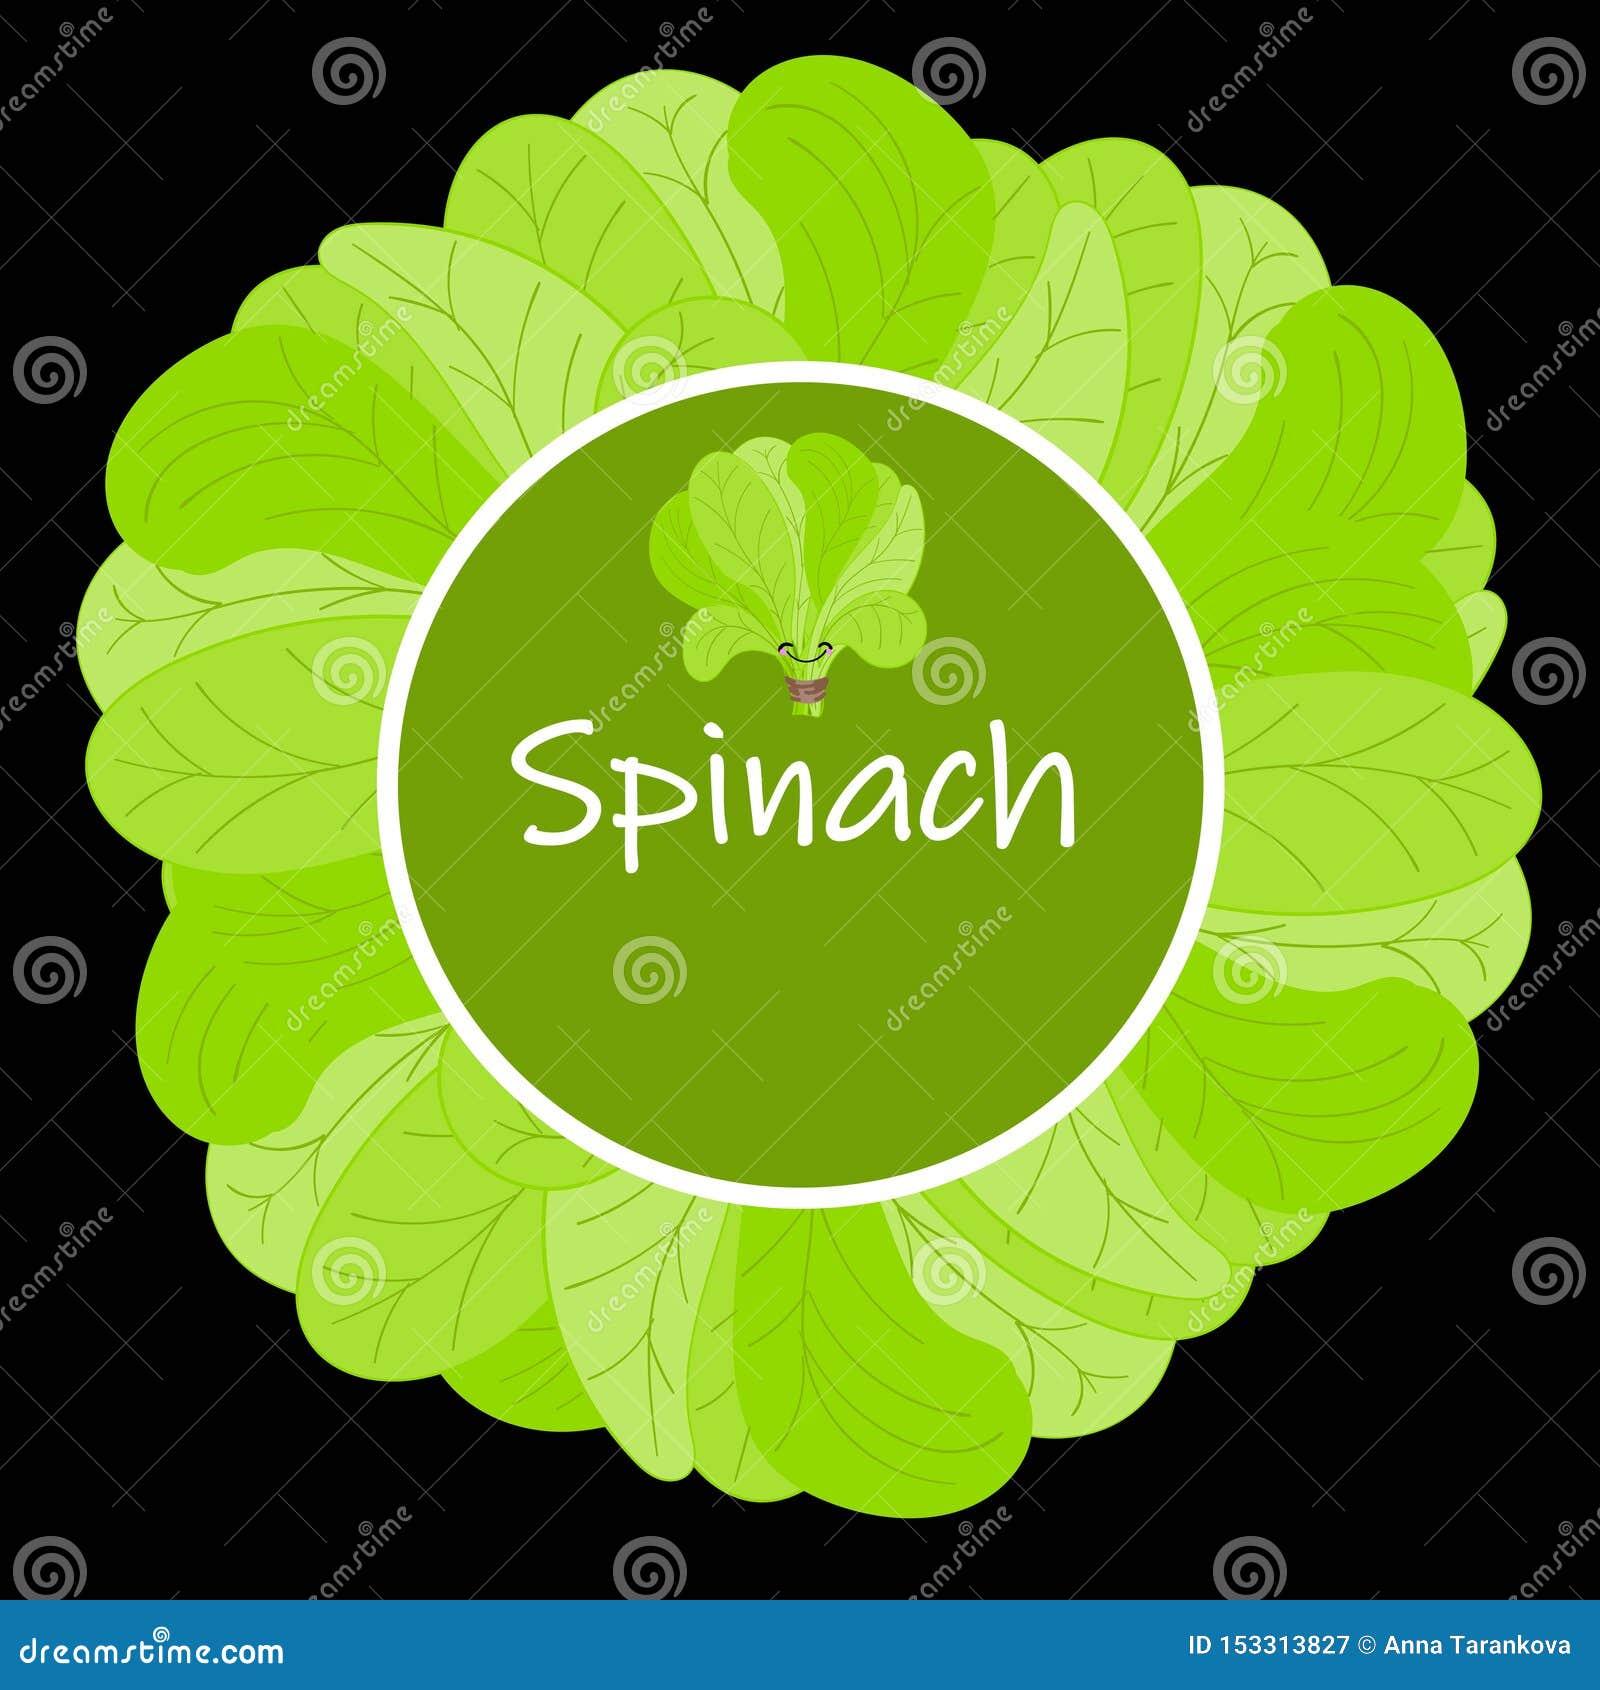 Σπανάκι Χαριτωμένος διανυσματικός χαρακτήρας τροφίμων κινούμενων σχεδίων vegan πρωτεϊνικός - σύνολο που απομονώνεται στο λευκό